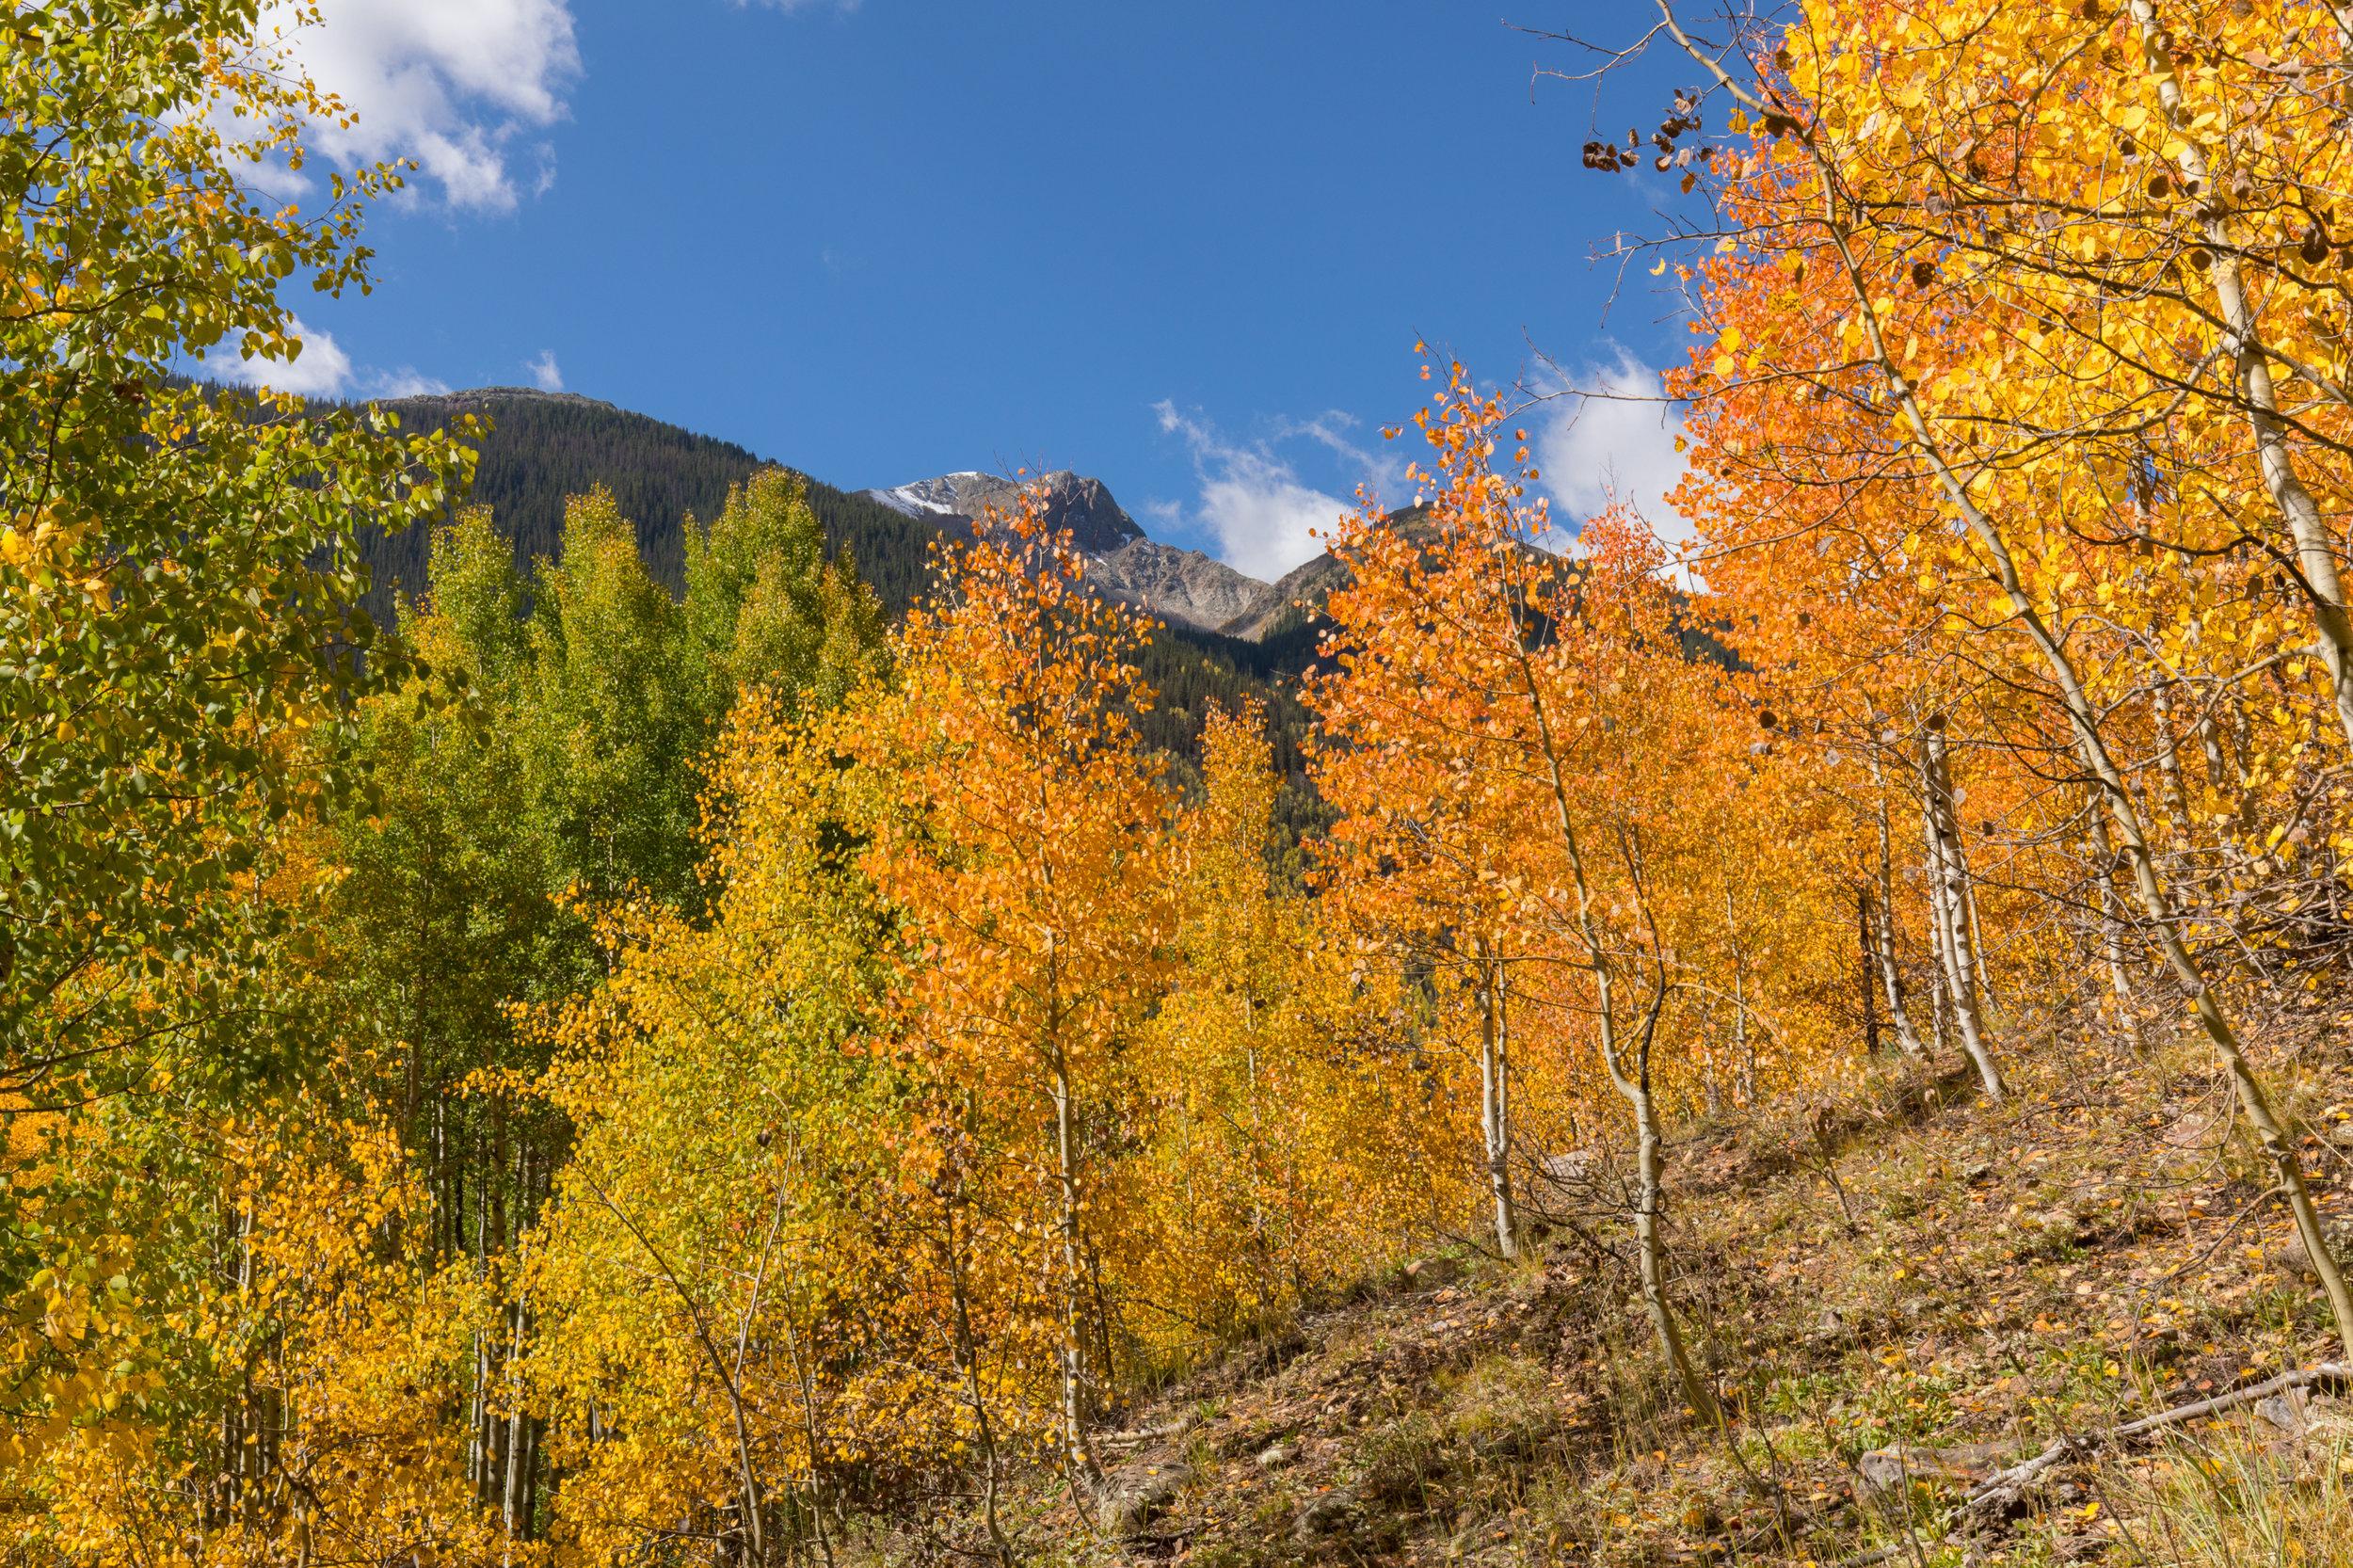 Silverton, Colorado, Image # 0944